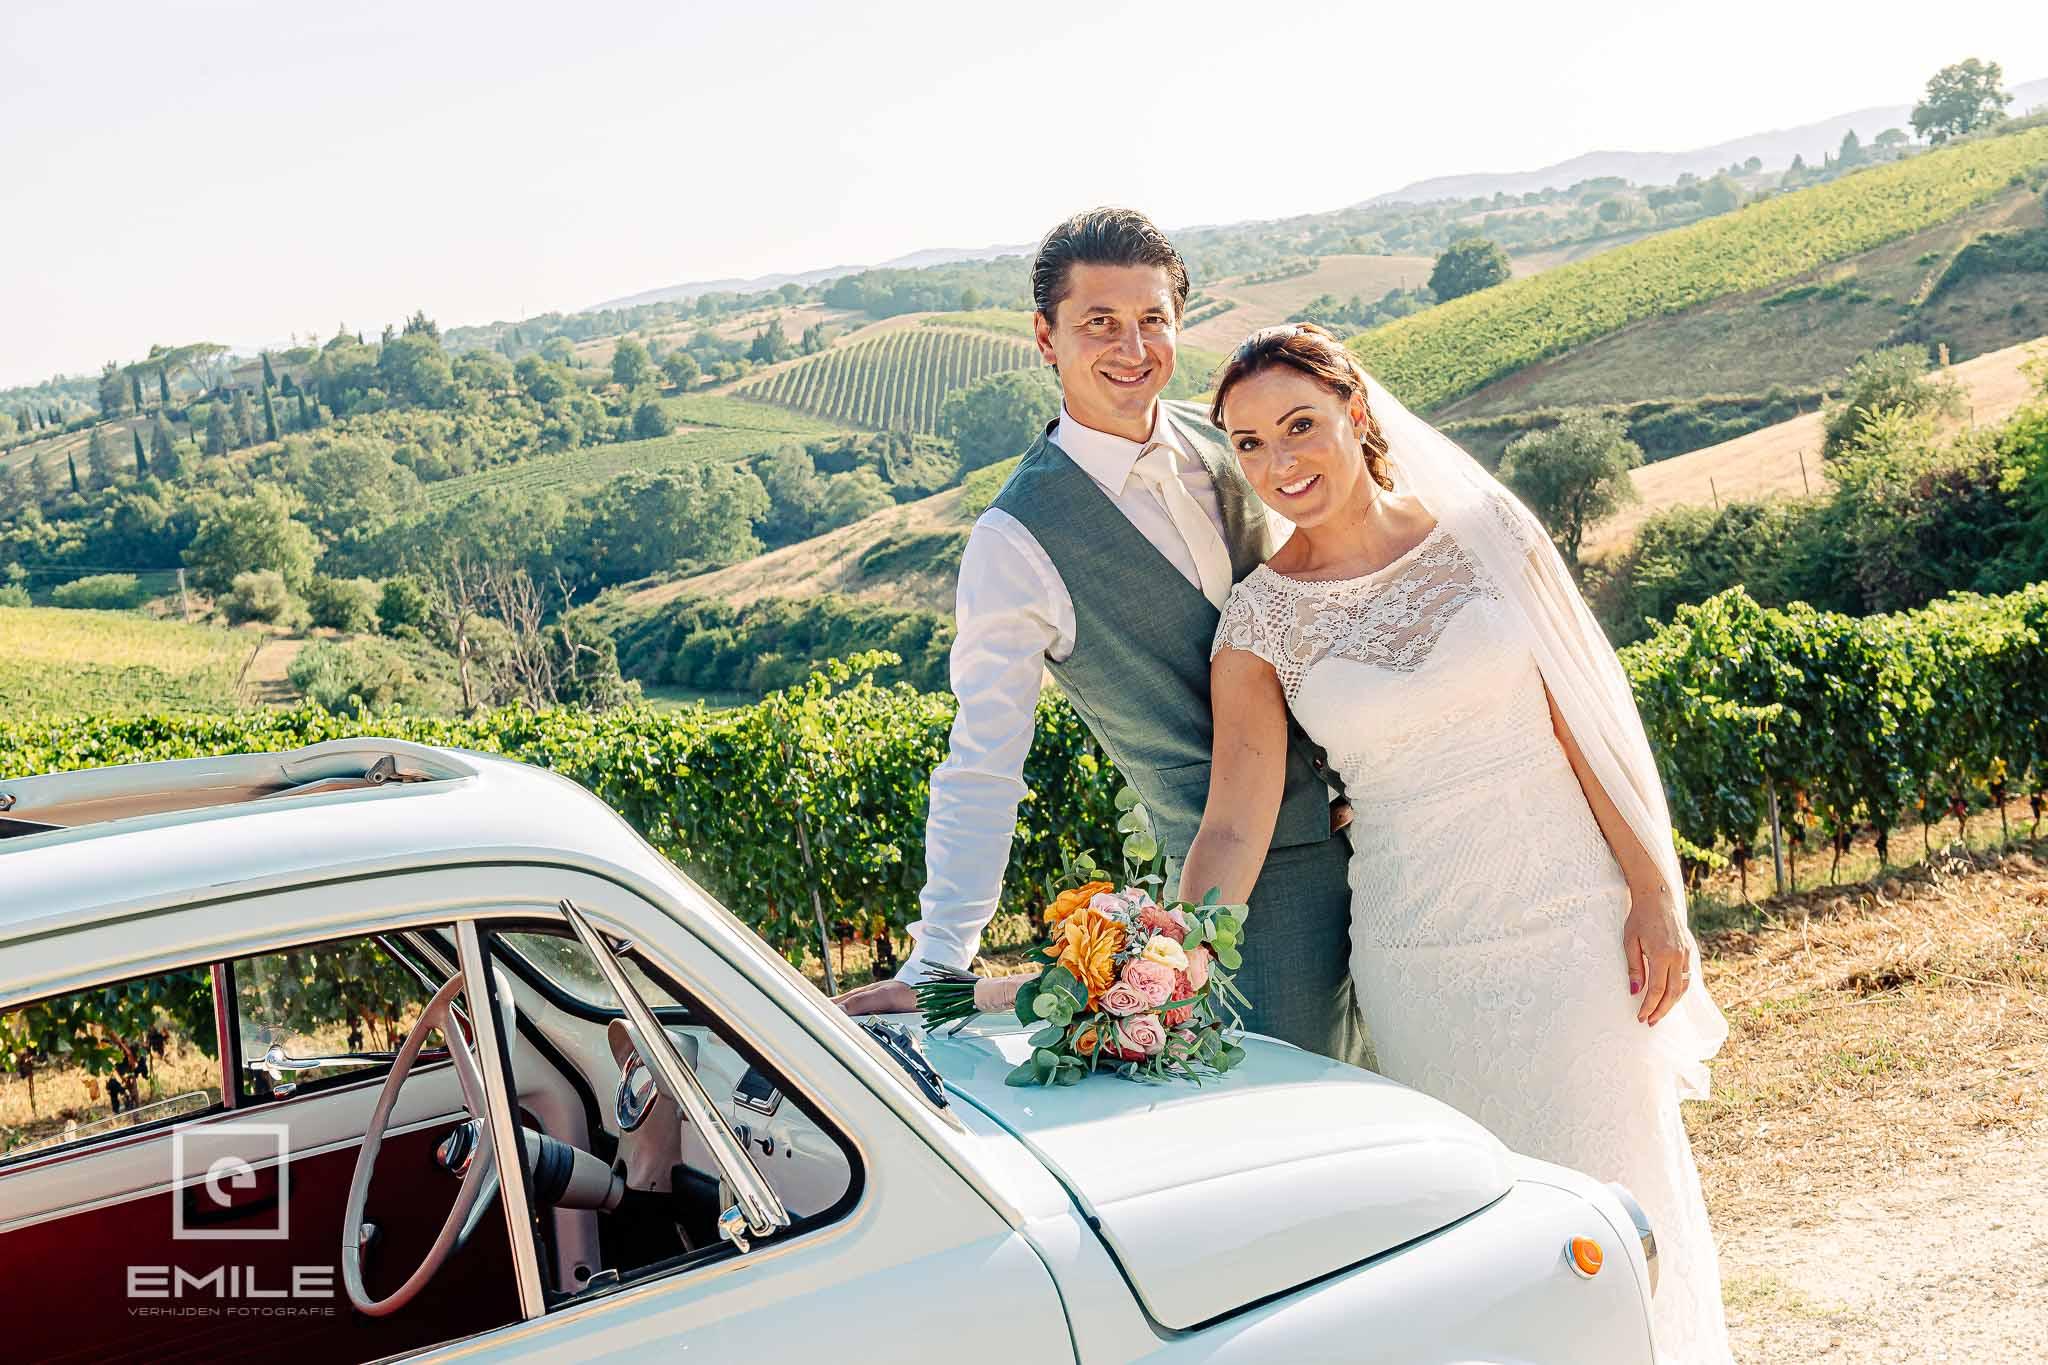 Bruidspaar in de wijnvelden van San Ginignamo Italie destination wedding